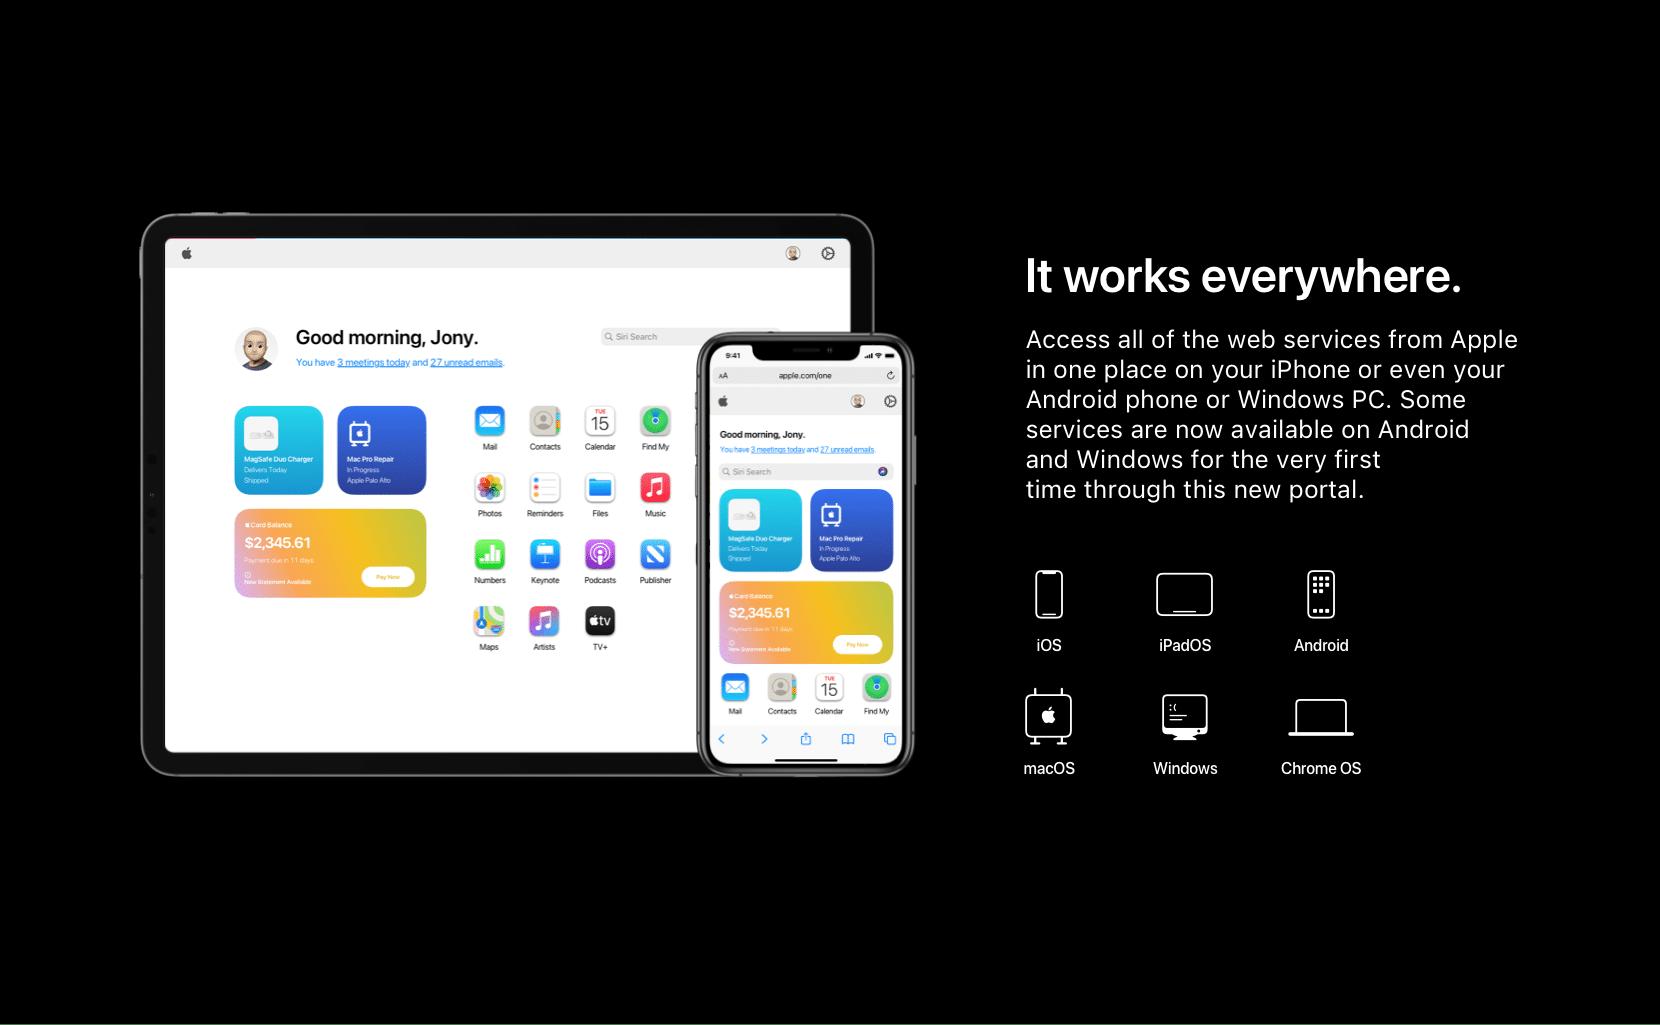 Conceito de hub de serviços da Apple na web